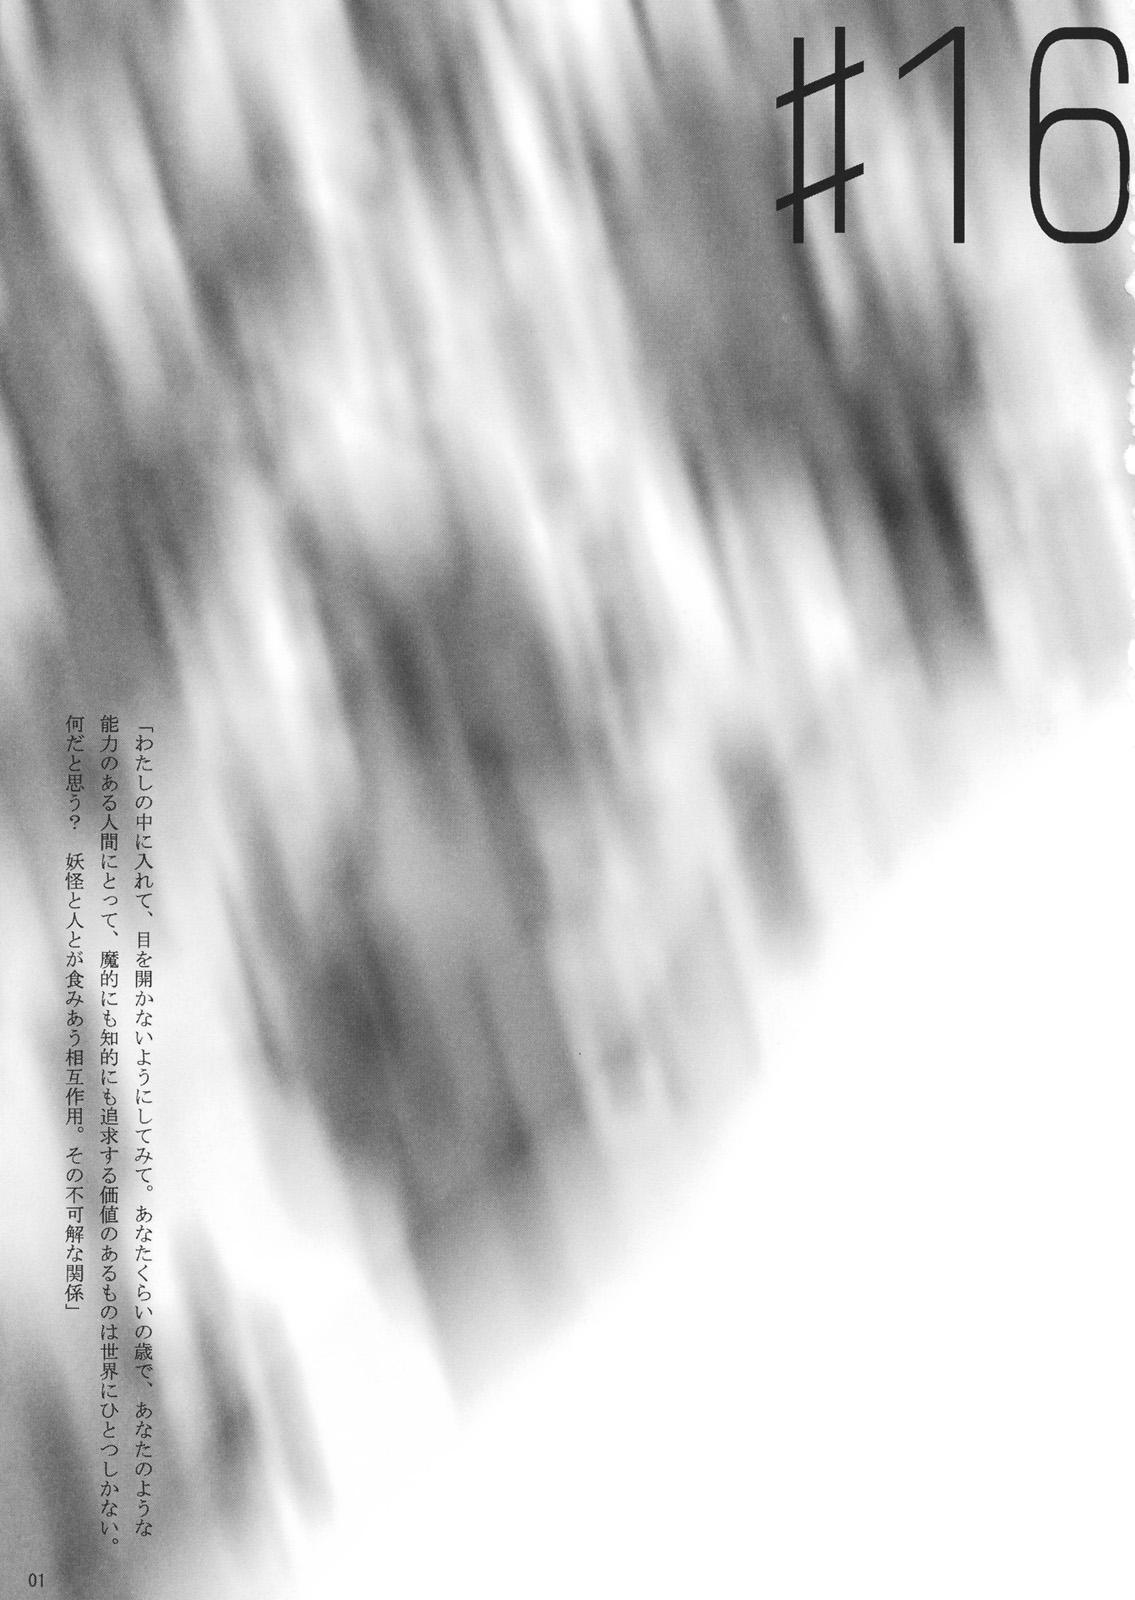 PHORESIS Yukariyakumo conditions 2